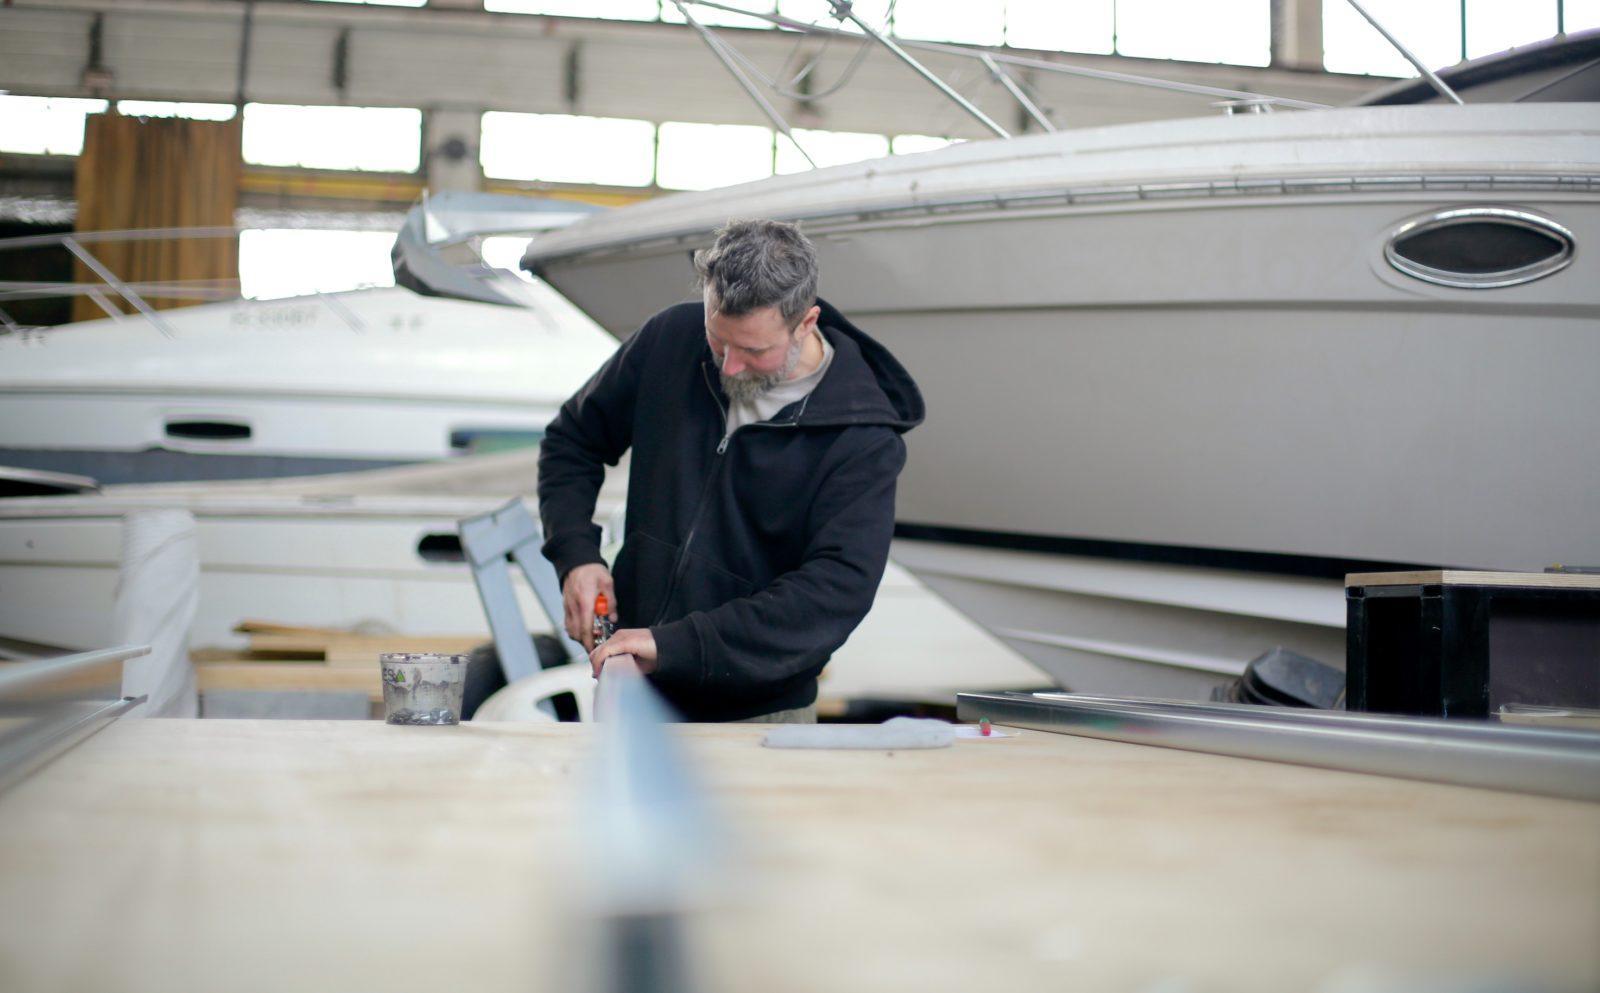 Forårsklargøring af båd: det kribler i fingrene for at komme på vandet